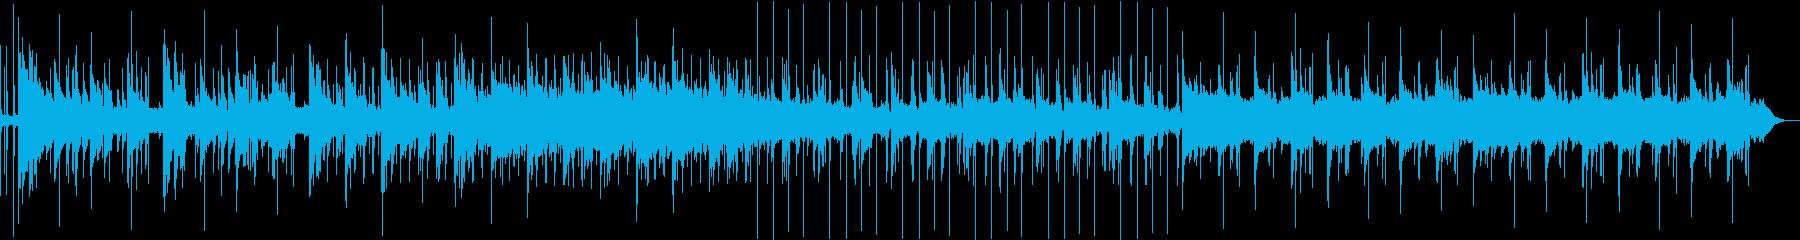 ゆったり雰囲気のピアノ主体アンビエントの再生済みの波形